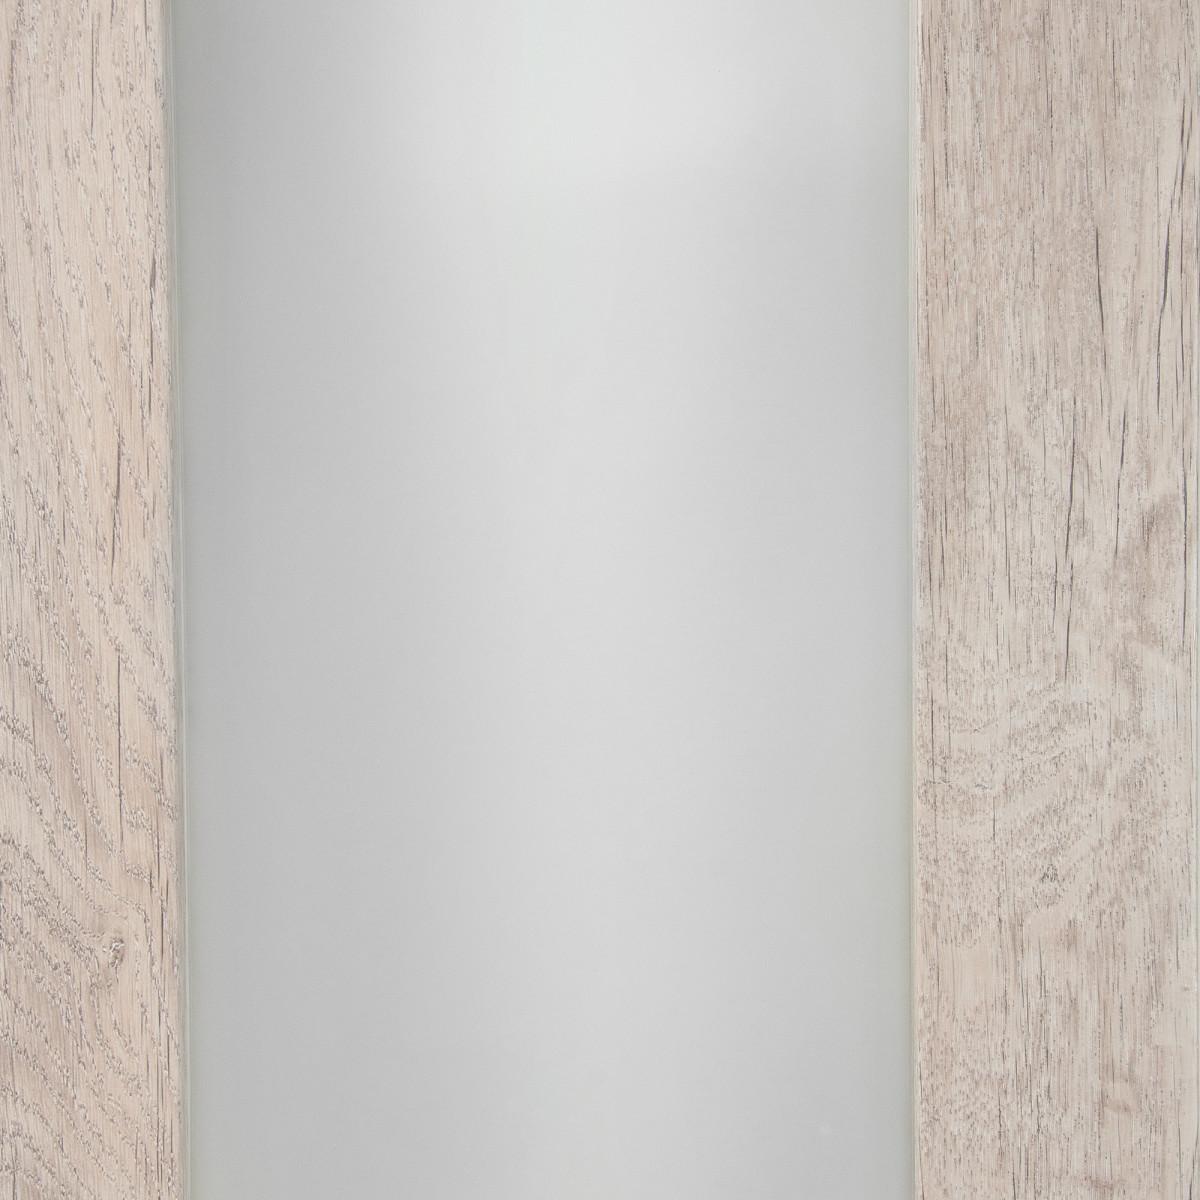 Дверь Межкомнатная Остеклённая Кантри 80x200 Пвх Цвет Дуб Эссо С Фурнитурой